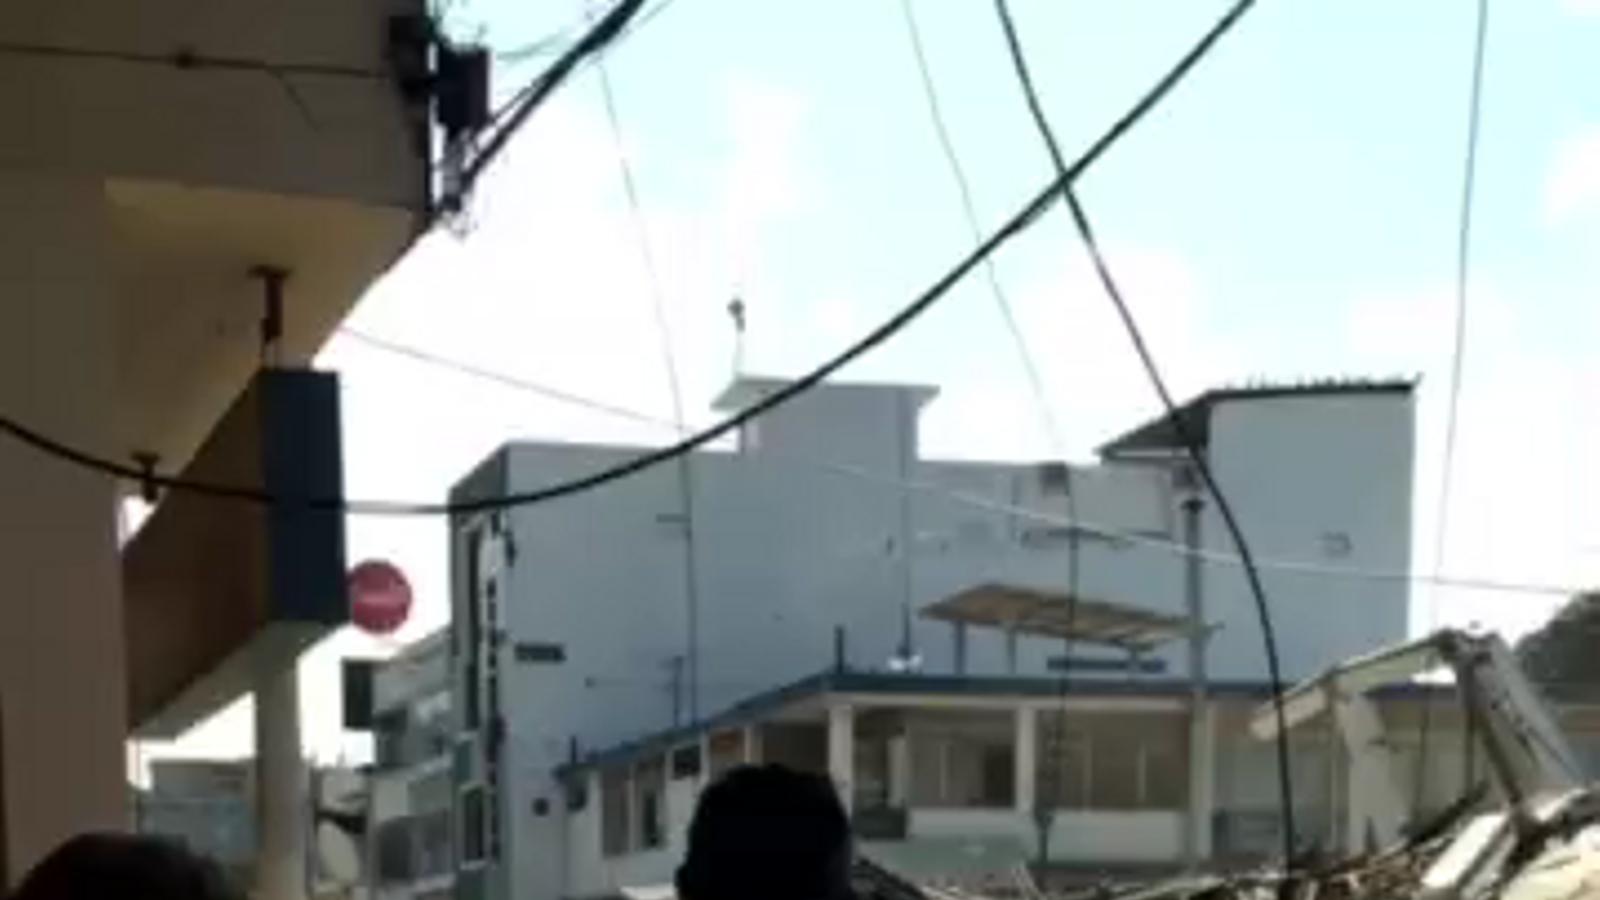 Imatges del terratrèmol de l'Equador enviades als familiars a Barcelona